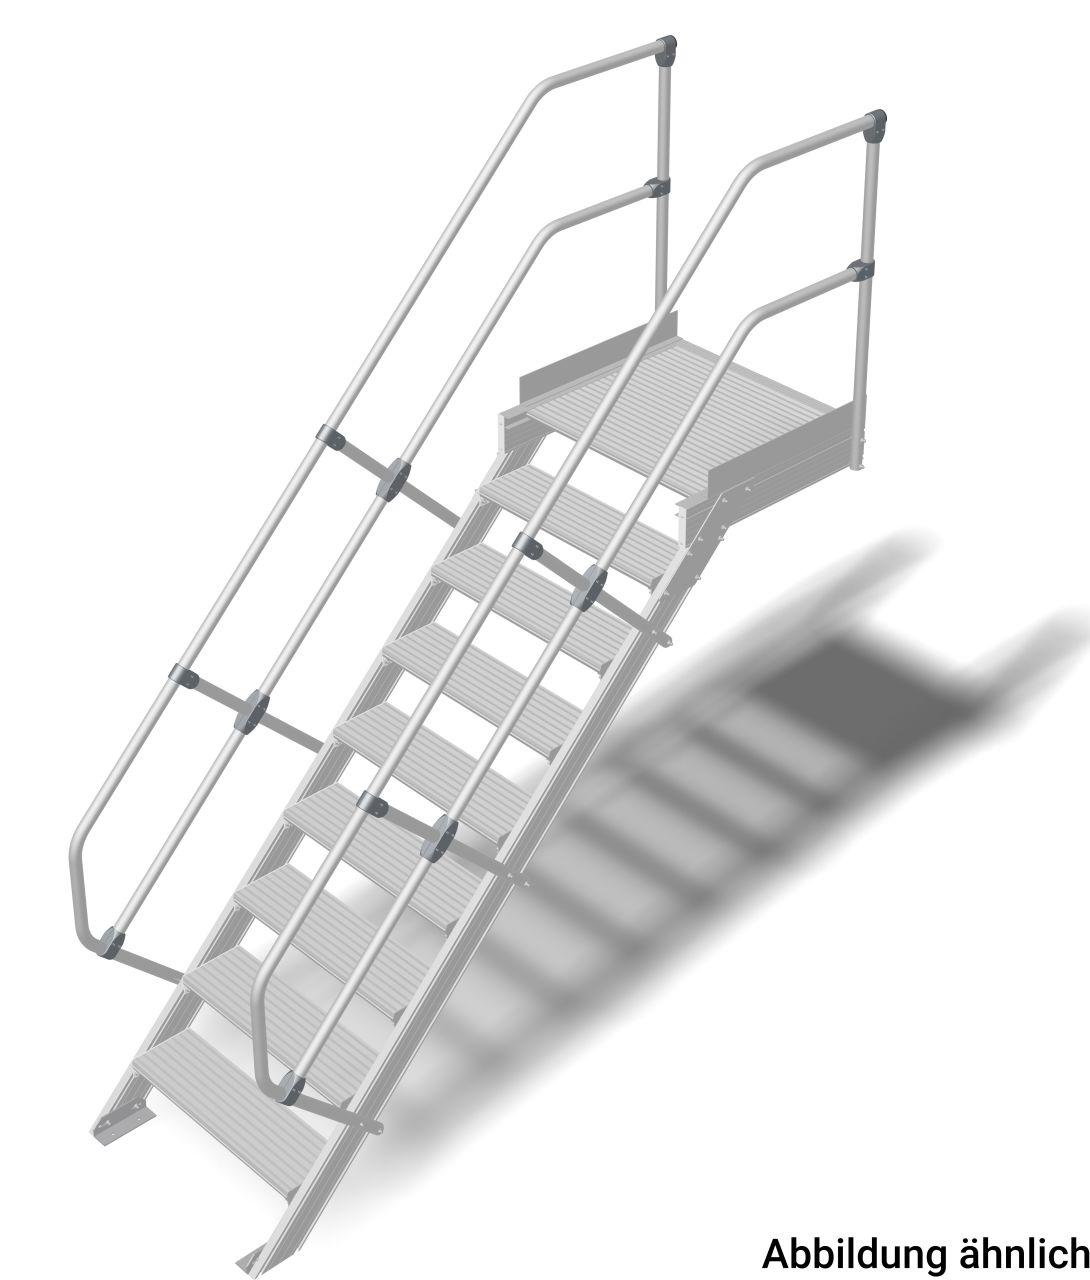 Treppe mit Plattform (Leichtmetall) Robuste Aluminium-Treppe für den sicheren Zugang zu Türen oder Zwischenböden etc. in Anlehnung an die DIN EN ISO14122ung an die DIN EN ISO14157